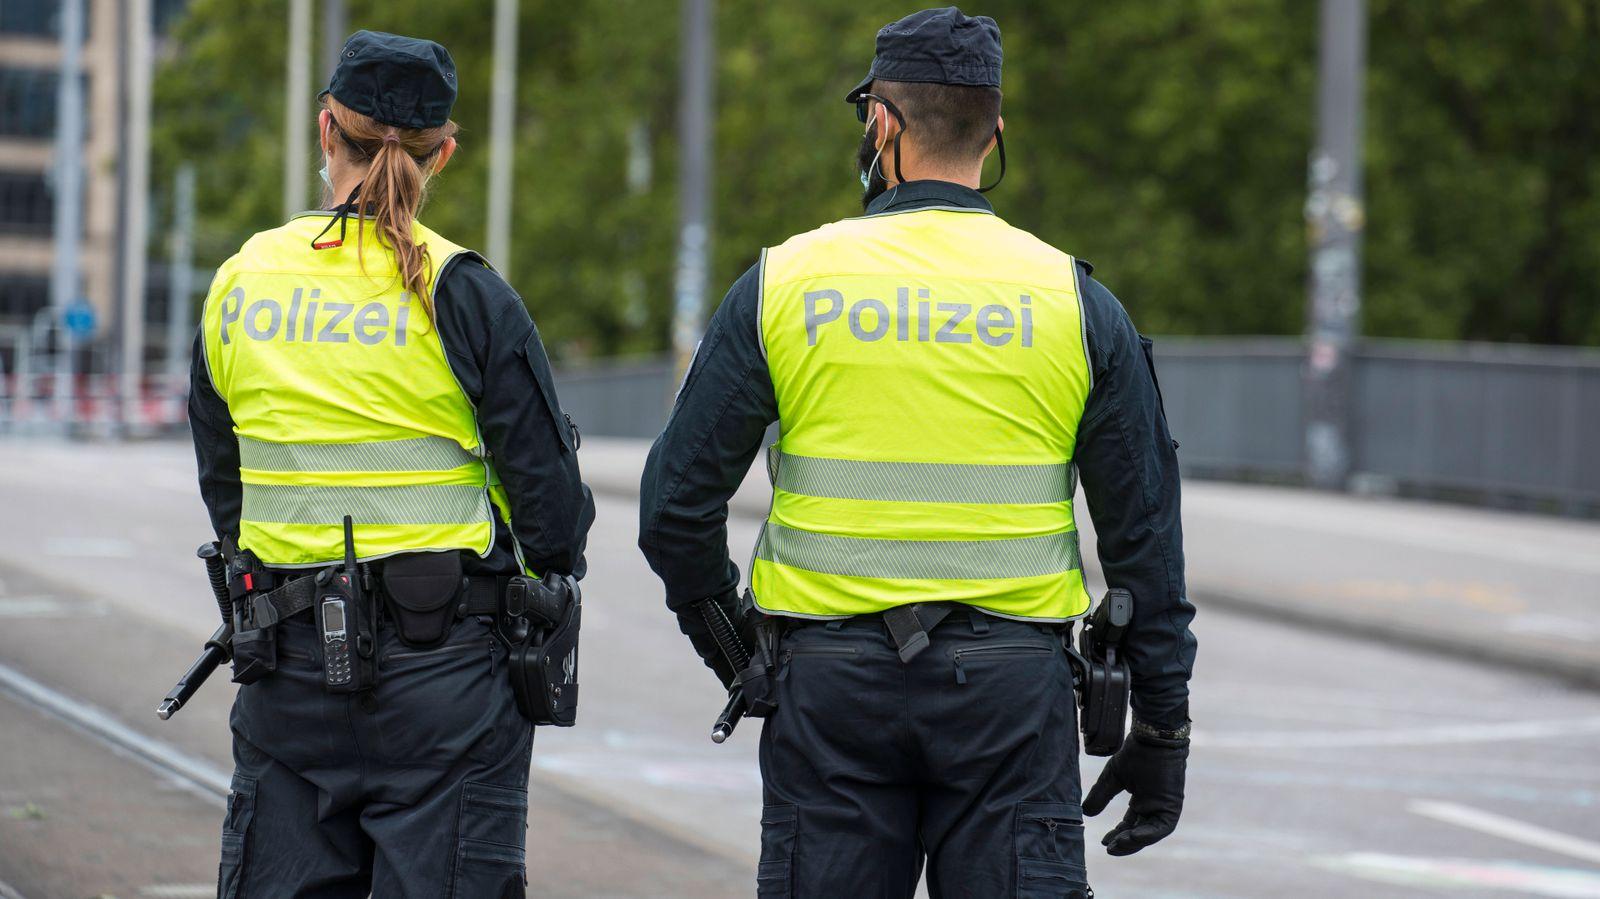 Zürich, Schweiz - 20. Juni 2020: Zwei Polizisten der Stadtpolizei Zürich.